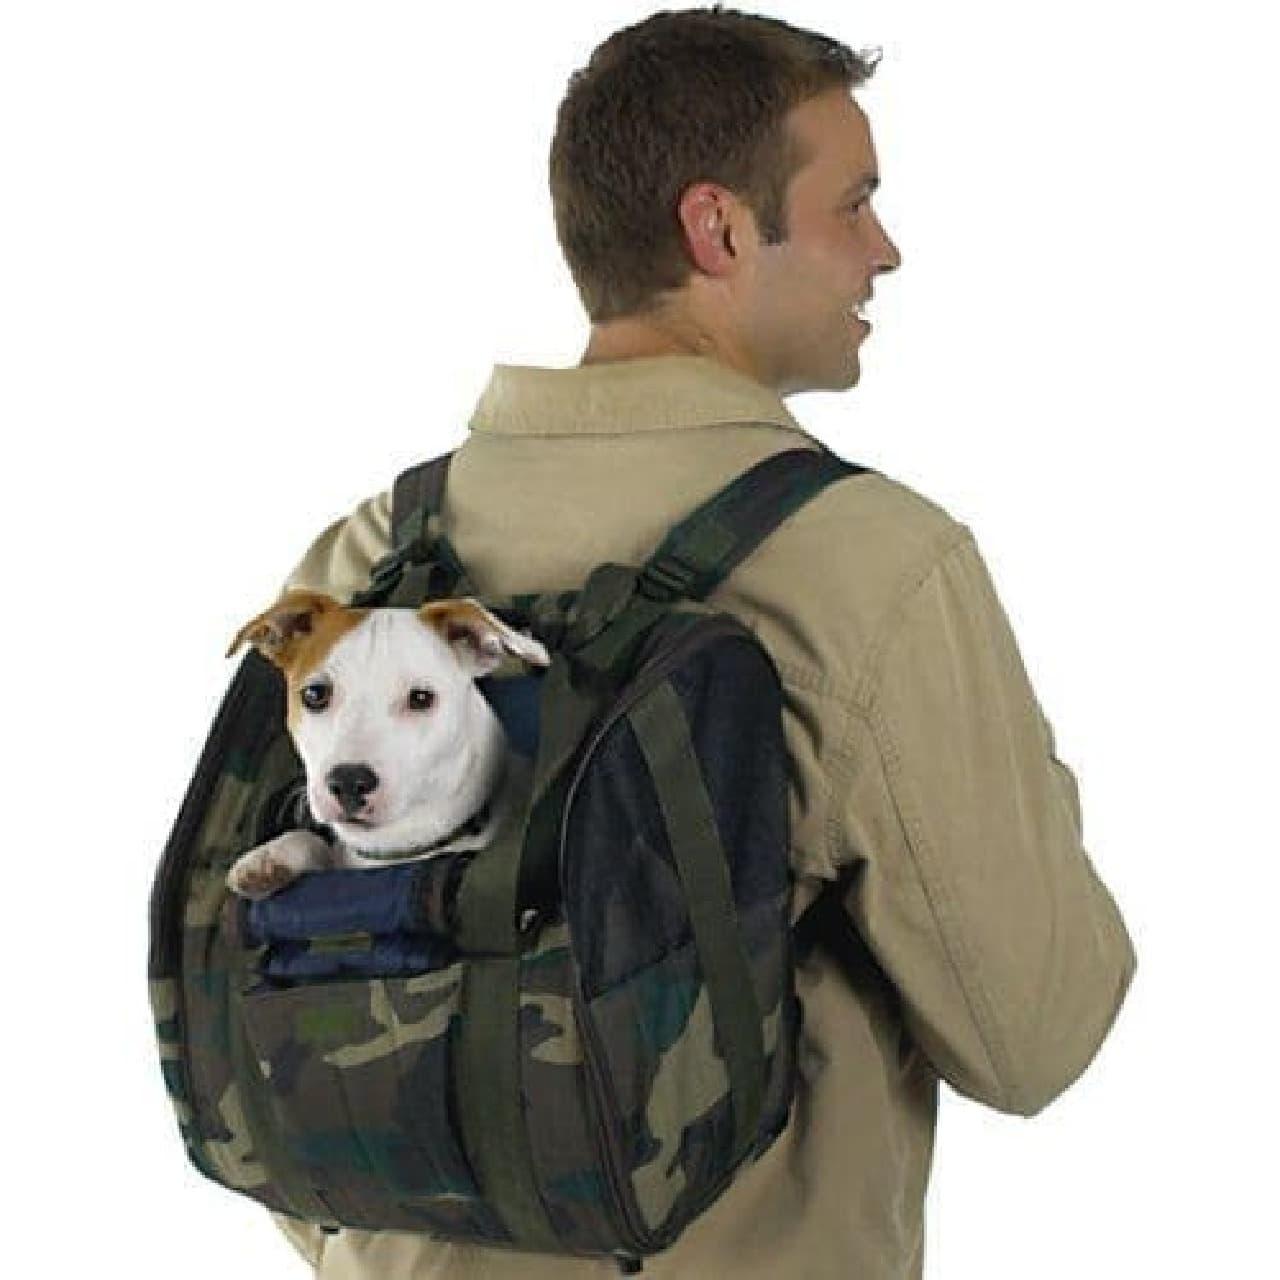 参考画像:従来型犬用バックパック  密着度が低いのがわかる  また、犬は後ろ向きになるので、ちょっと不安…。